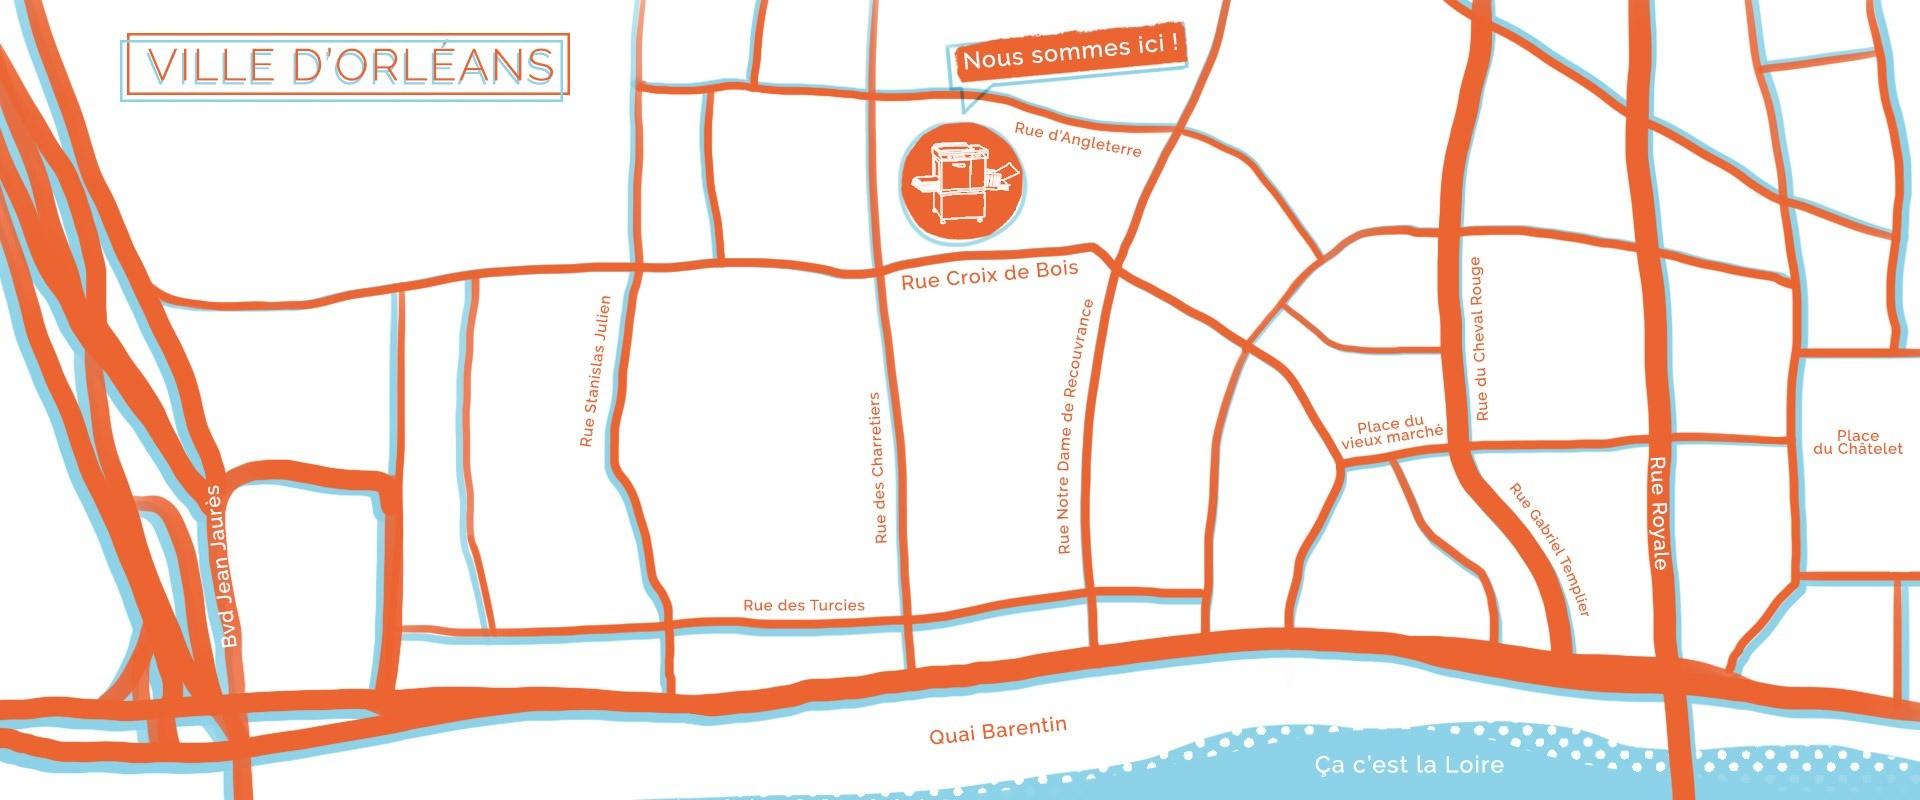 Carte d'orléans stylisée pour situer ou nous sommes installé